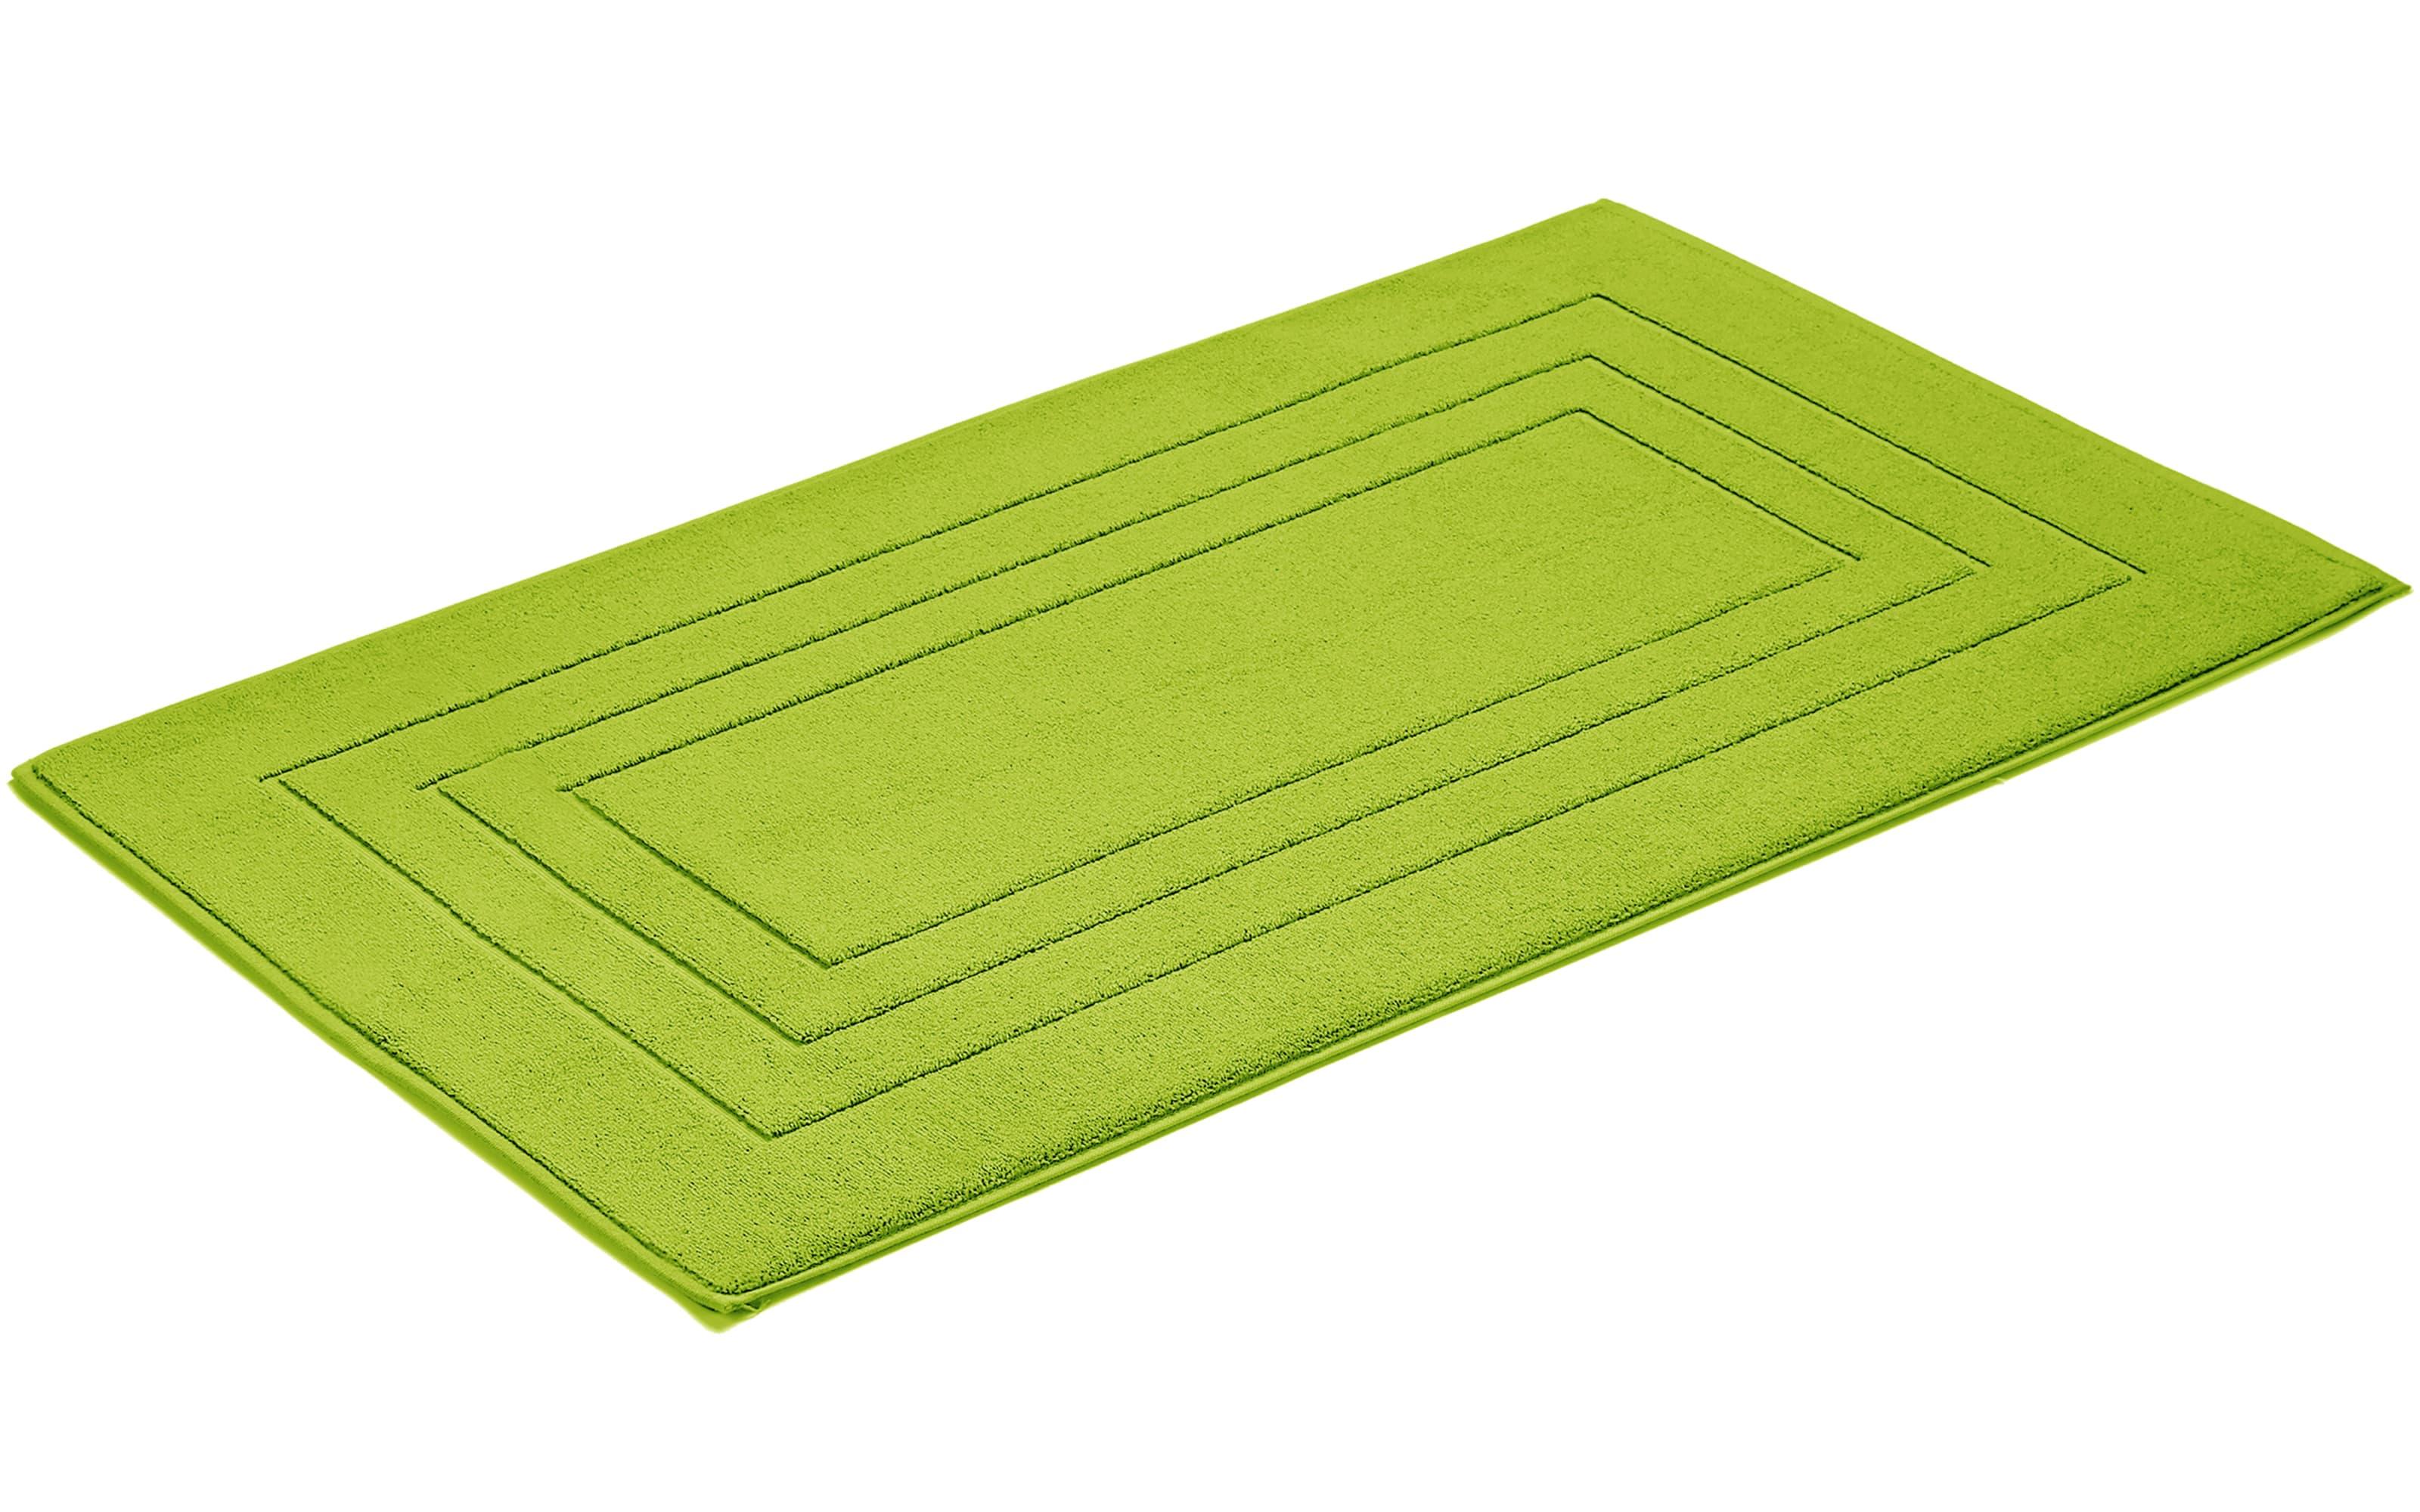 Badteppich Feeling in meadowgreen, 60 x 100 cm